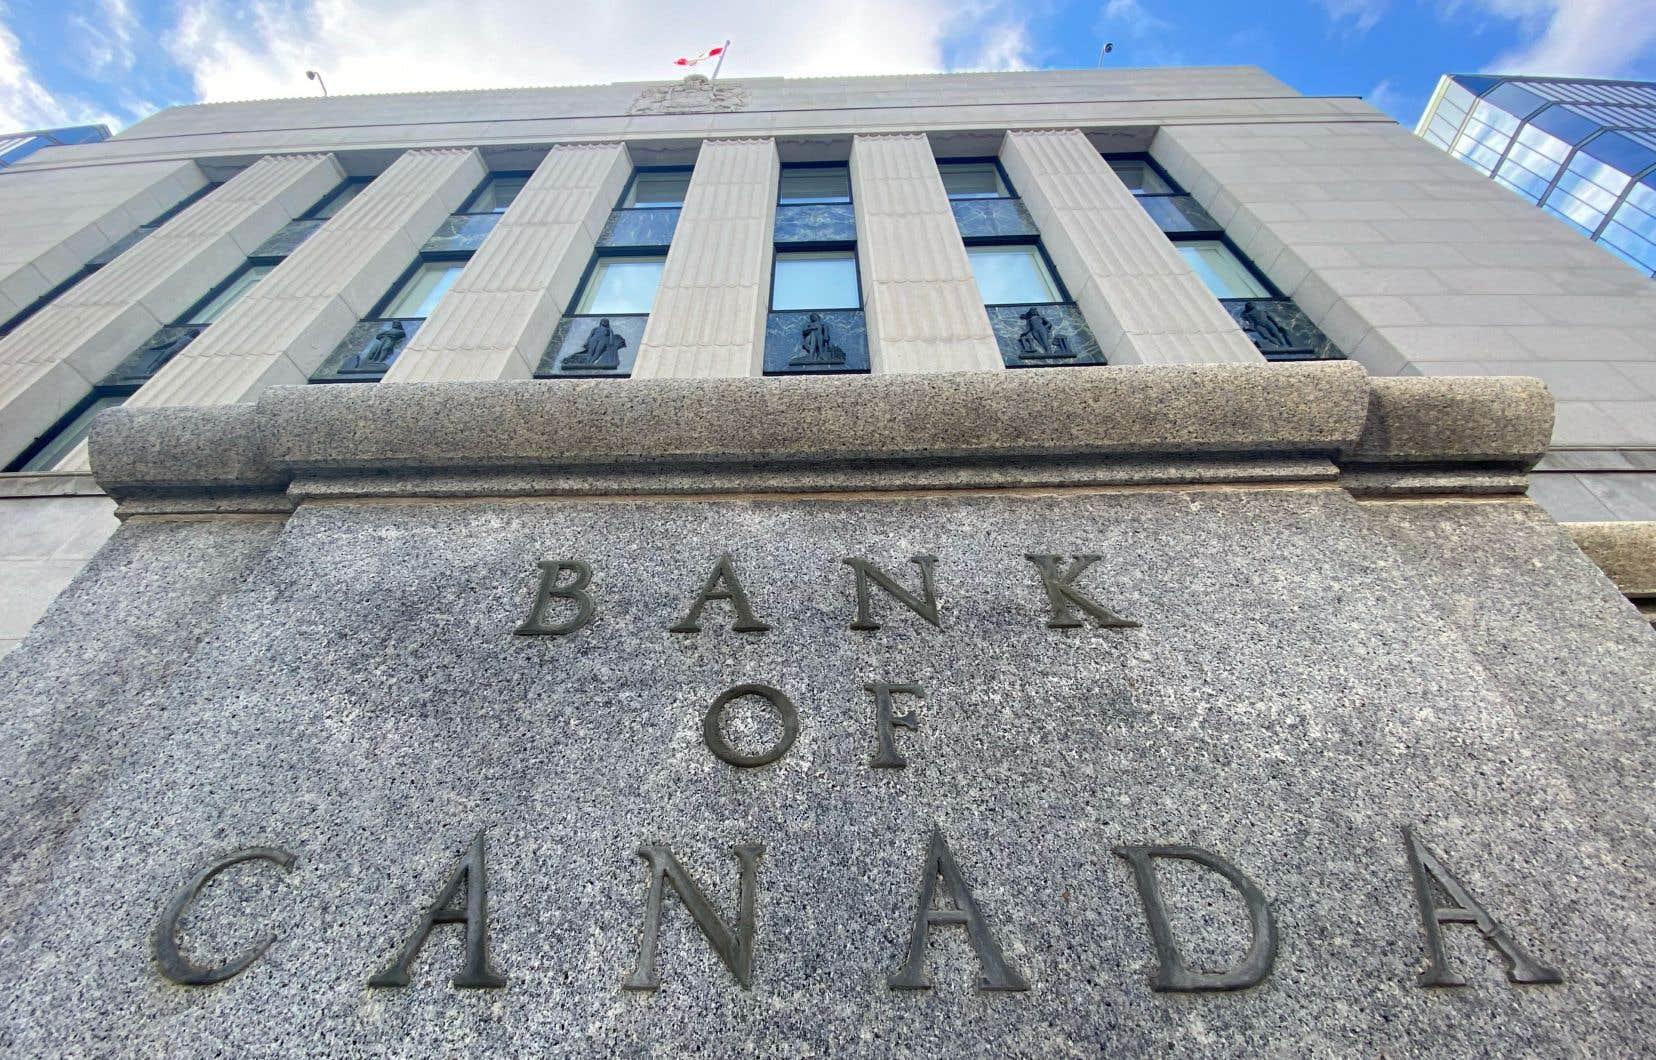 Le taux d'intérêt directeur de la banque centrale se situe à 0,25% depuis mars, date à laquelle il a été abaissé en raison des conséquences économiques de la pandémie de COVID-19.